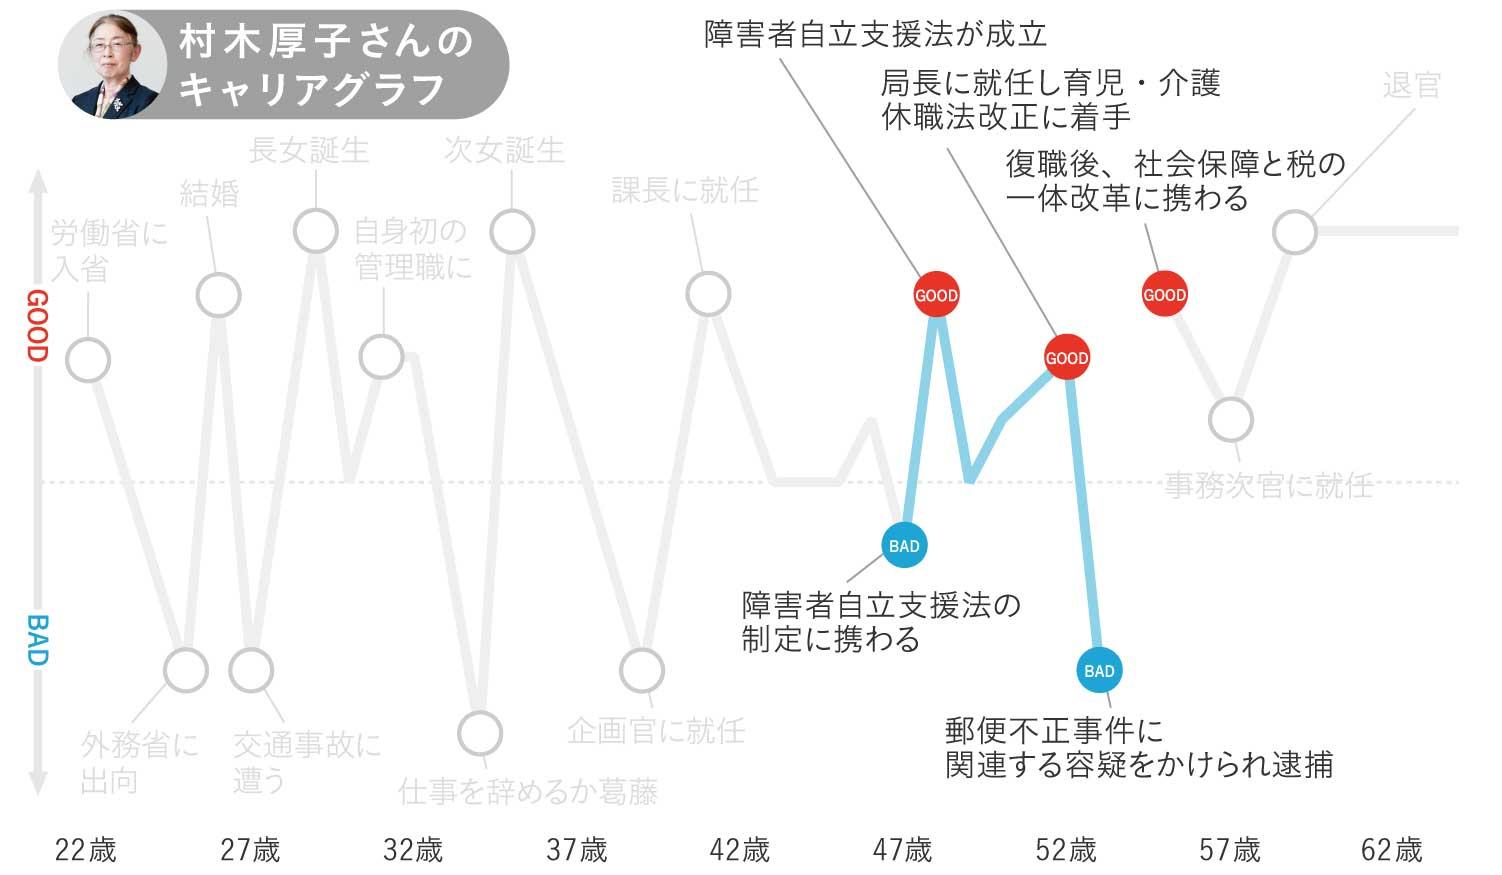 村木厚子さんのキャリアグラフ4